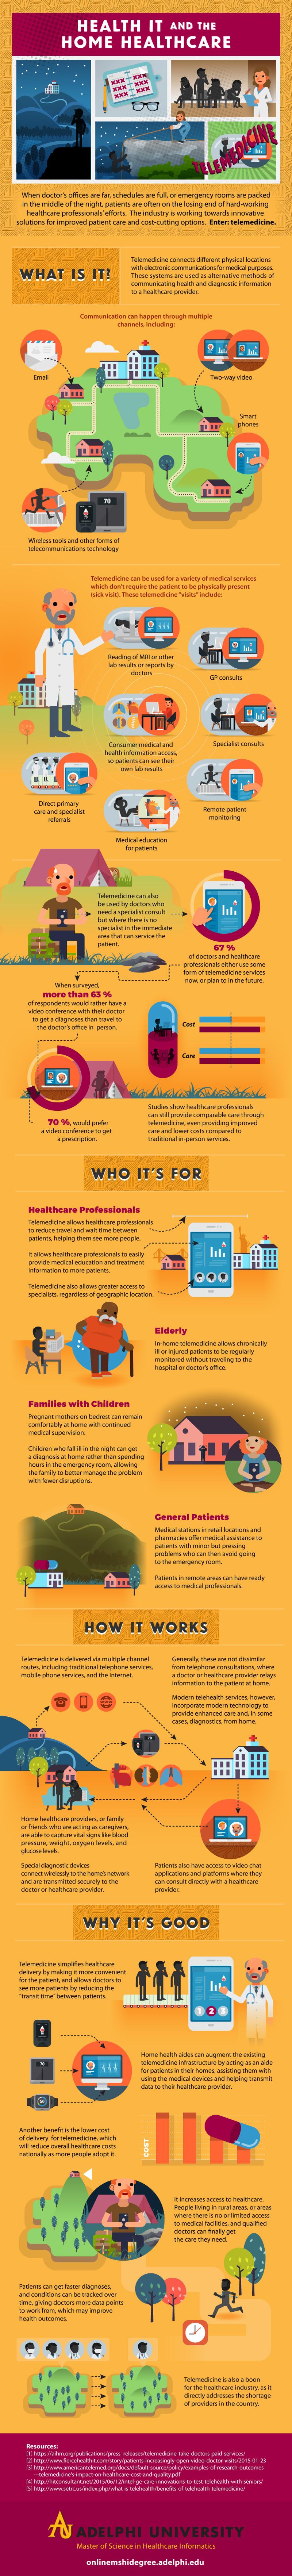 AU-MSHI-Health-IT-Home-Care.jpg